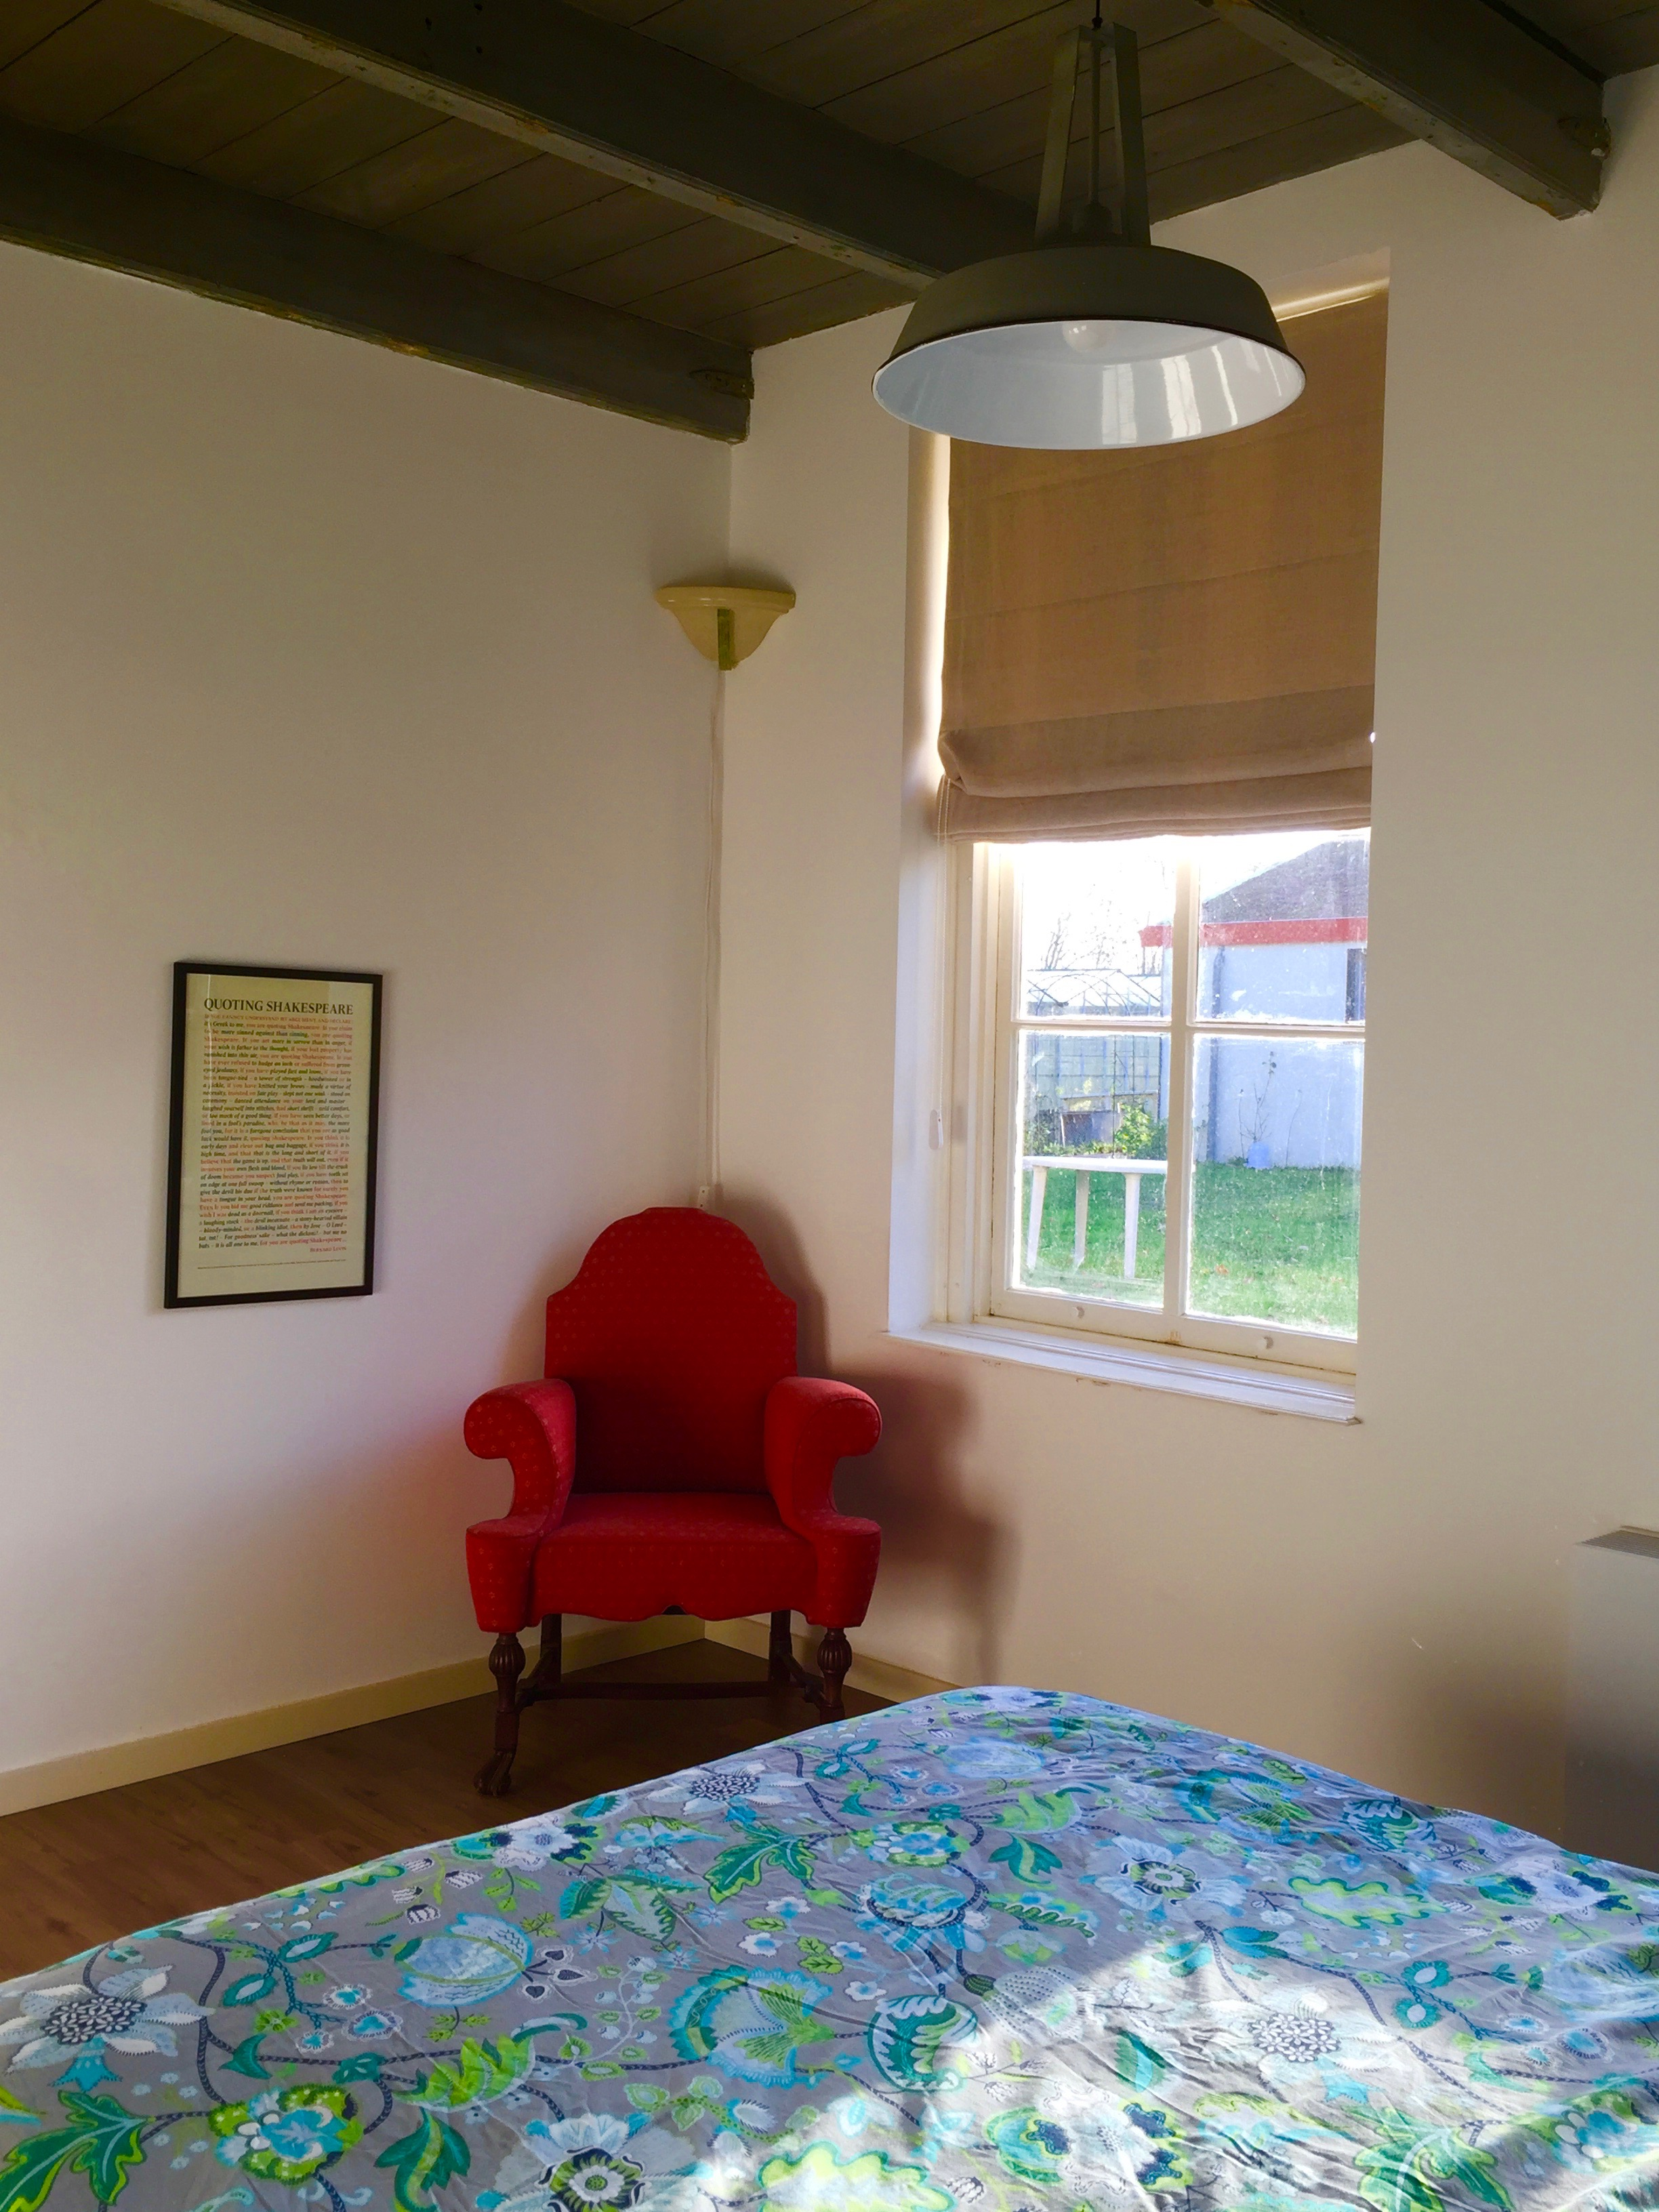 b&b, vakantiehuisje, ruime slaapkamer